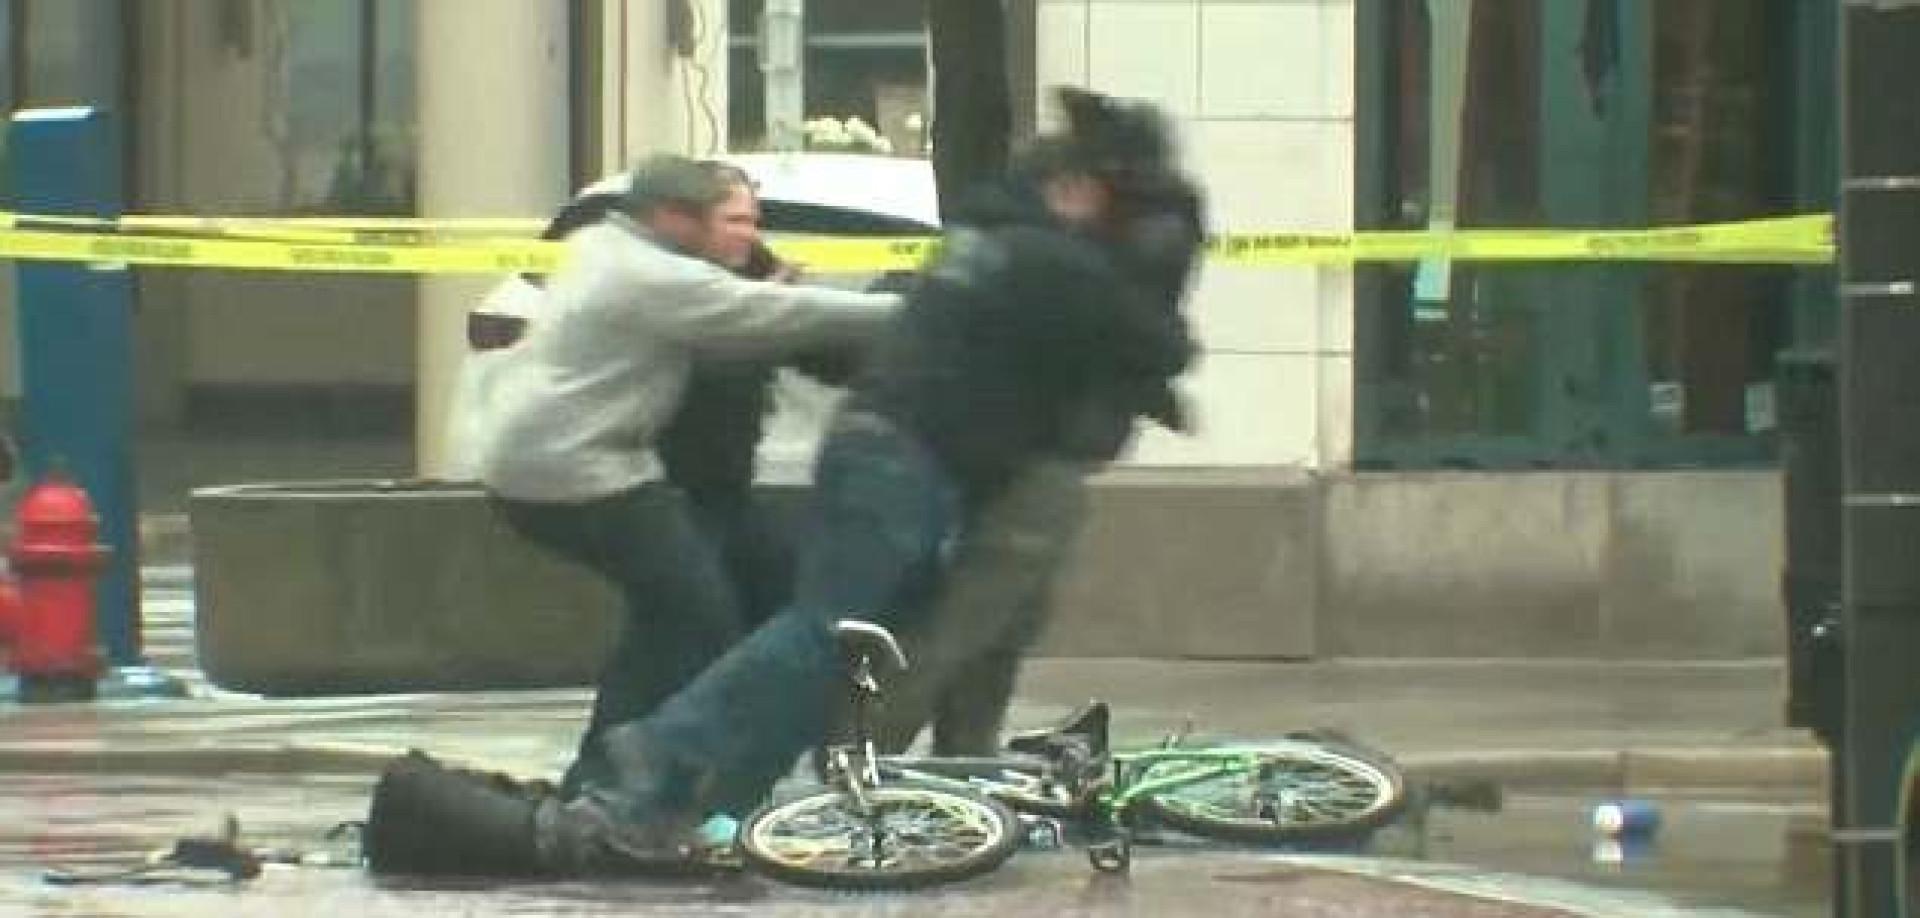 Ciclista tentou mostrar que não tinha bomba na mochila. Não correu bem